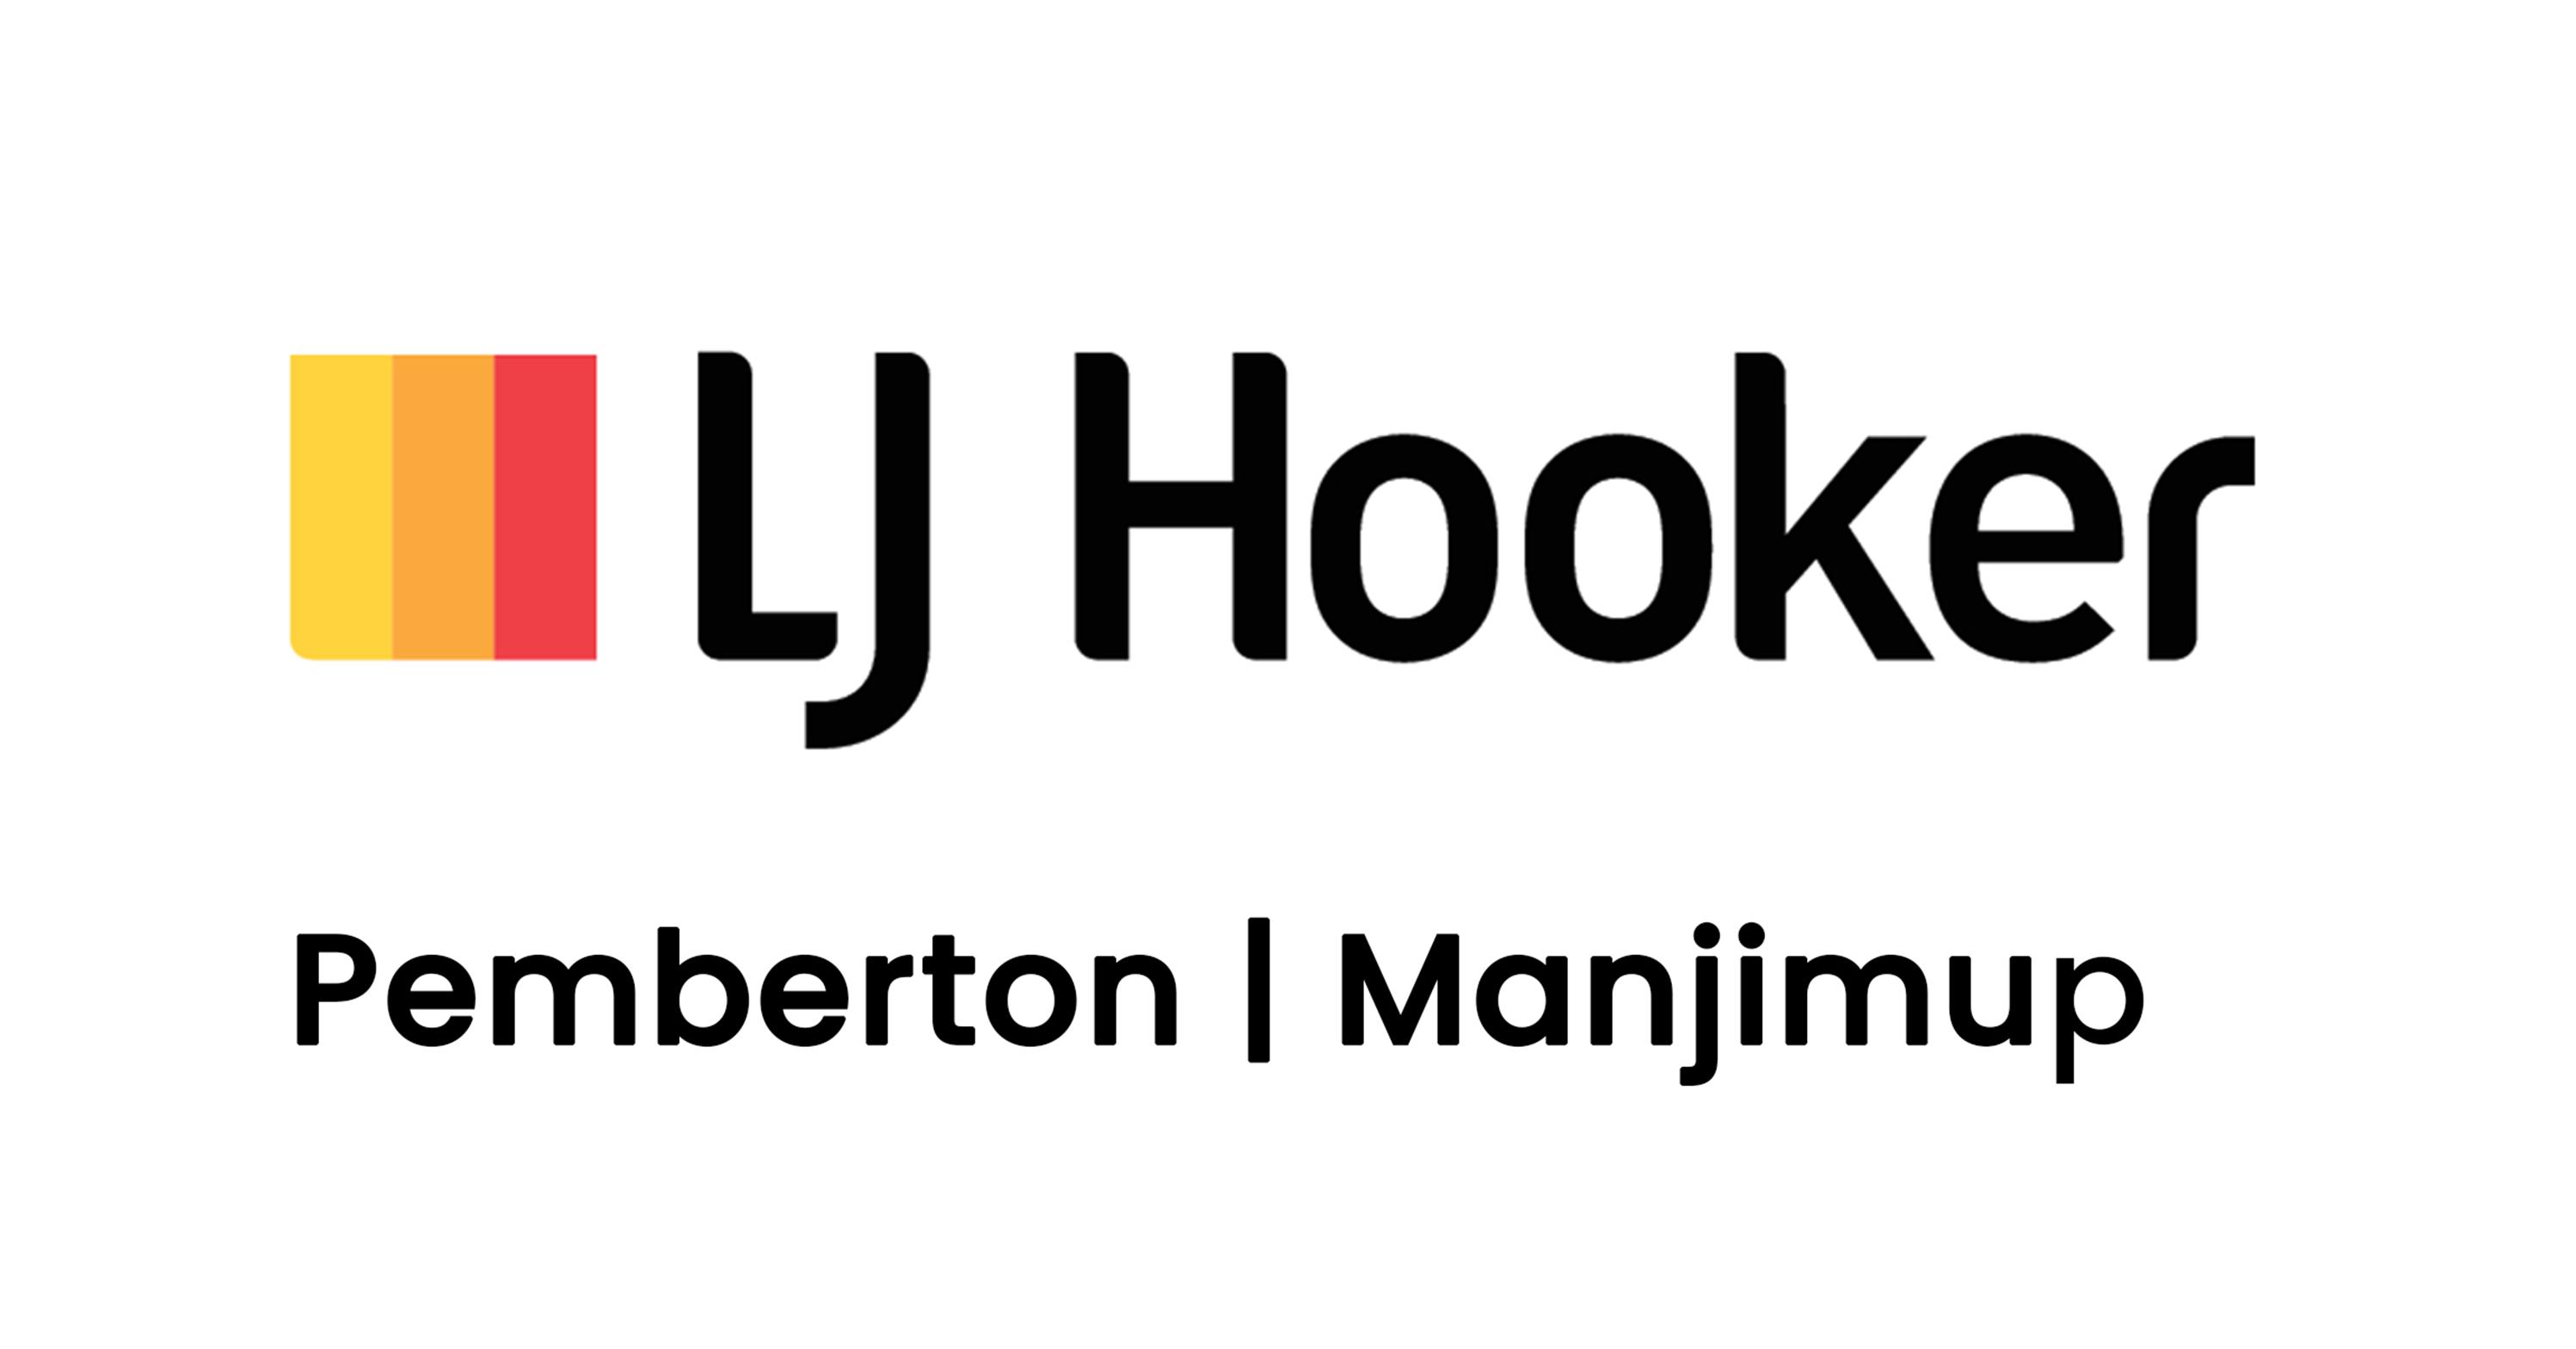 LJ Hooker Manjimup